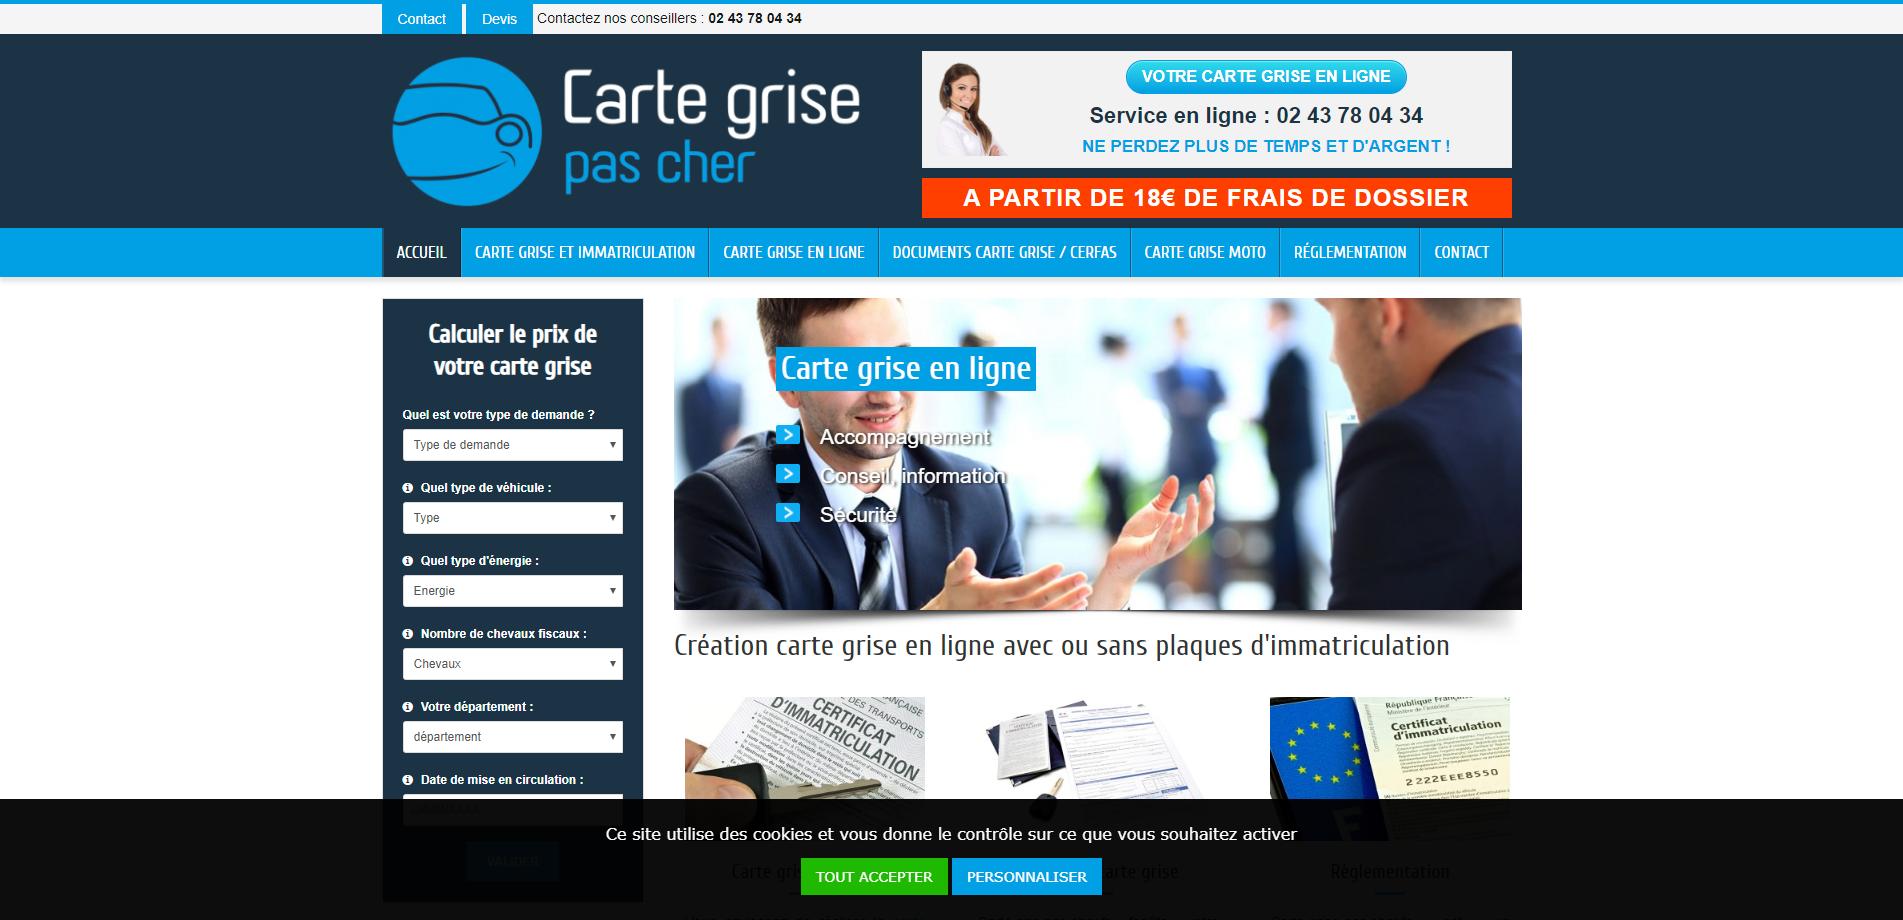 Carte_grise_et_immatriculation_pas_cher_